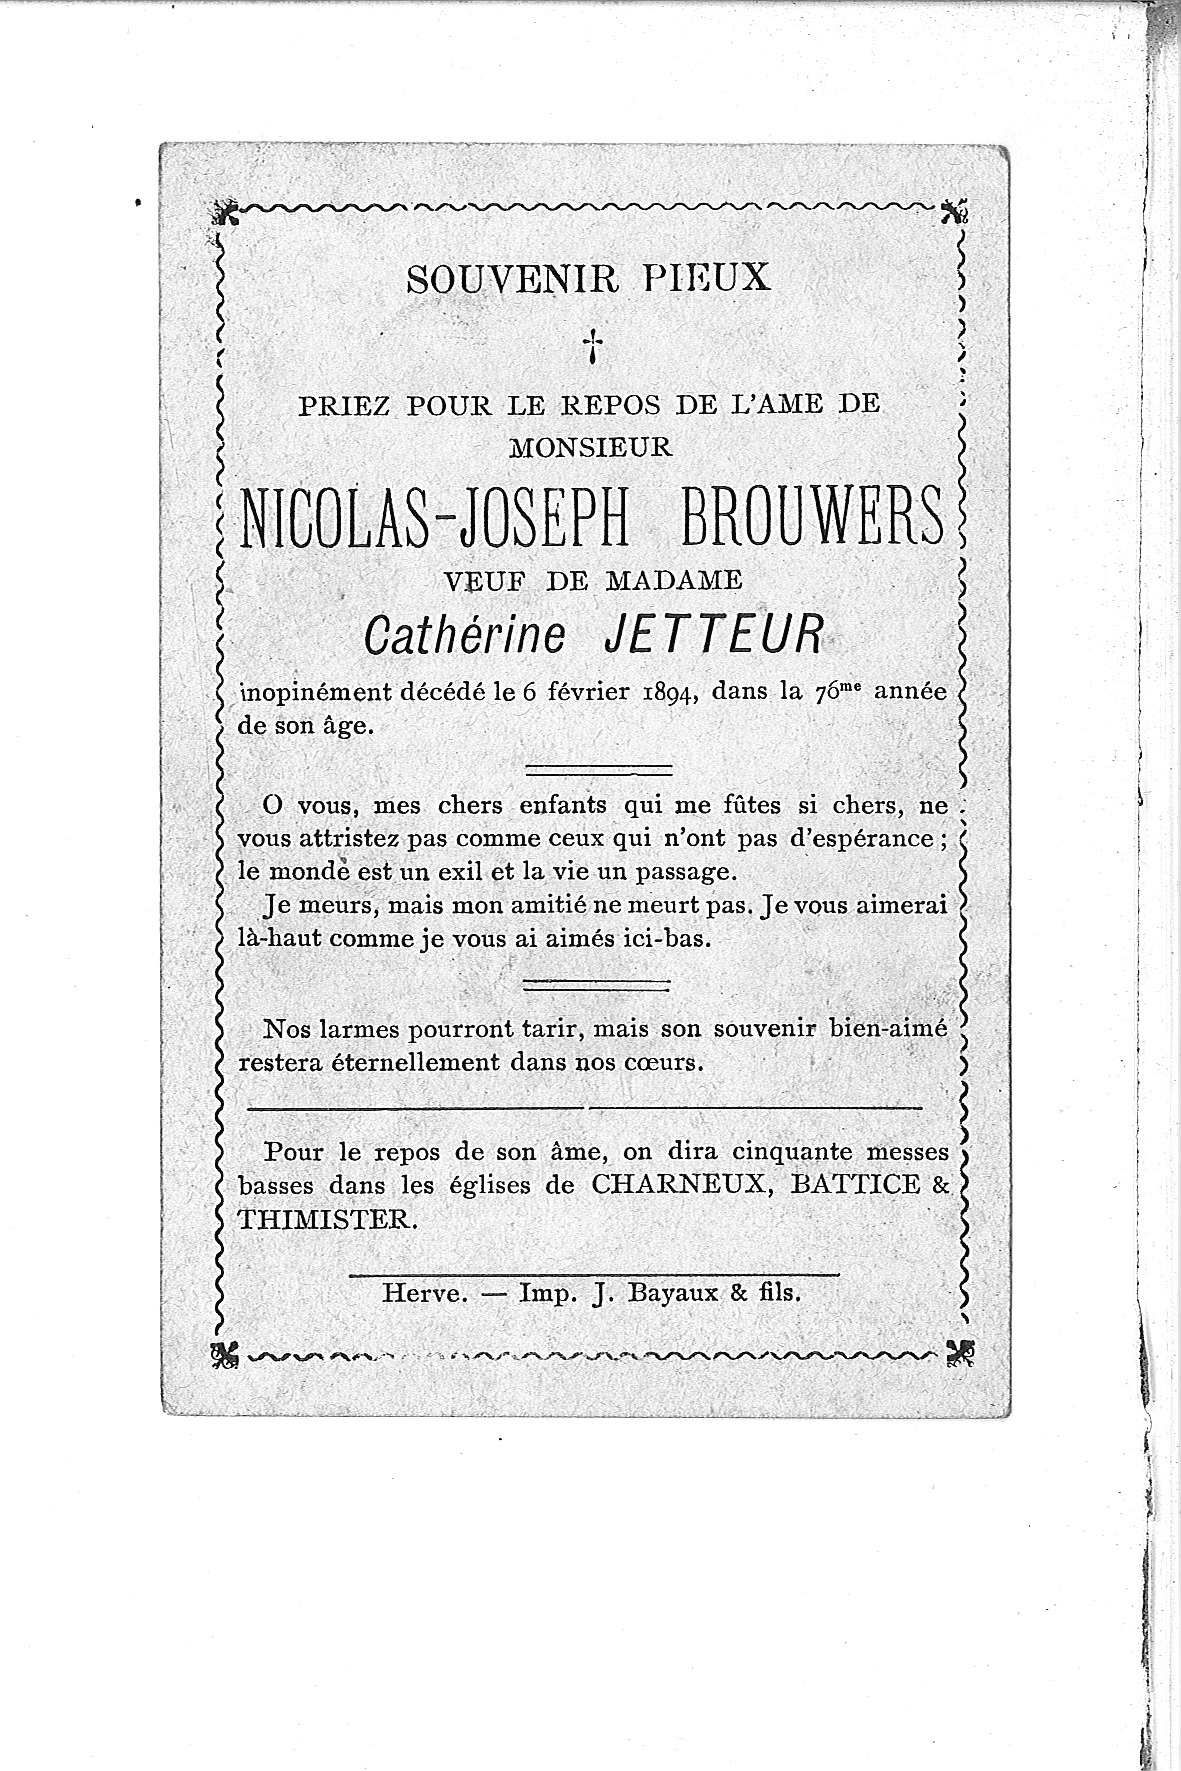 Nicolas-Joseph (1894) 20110805165022_00101.jpg